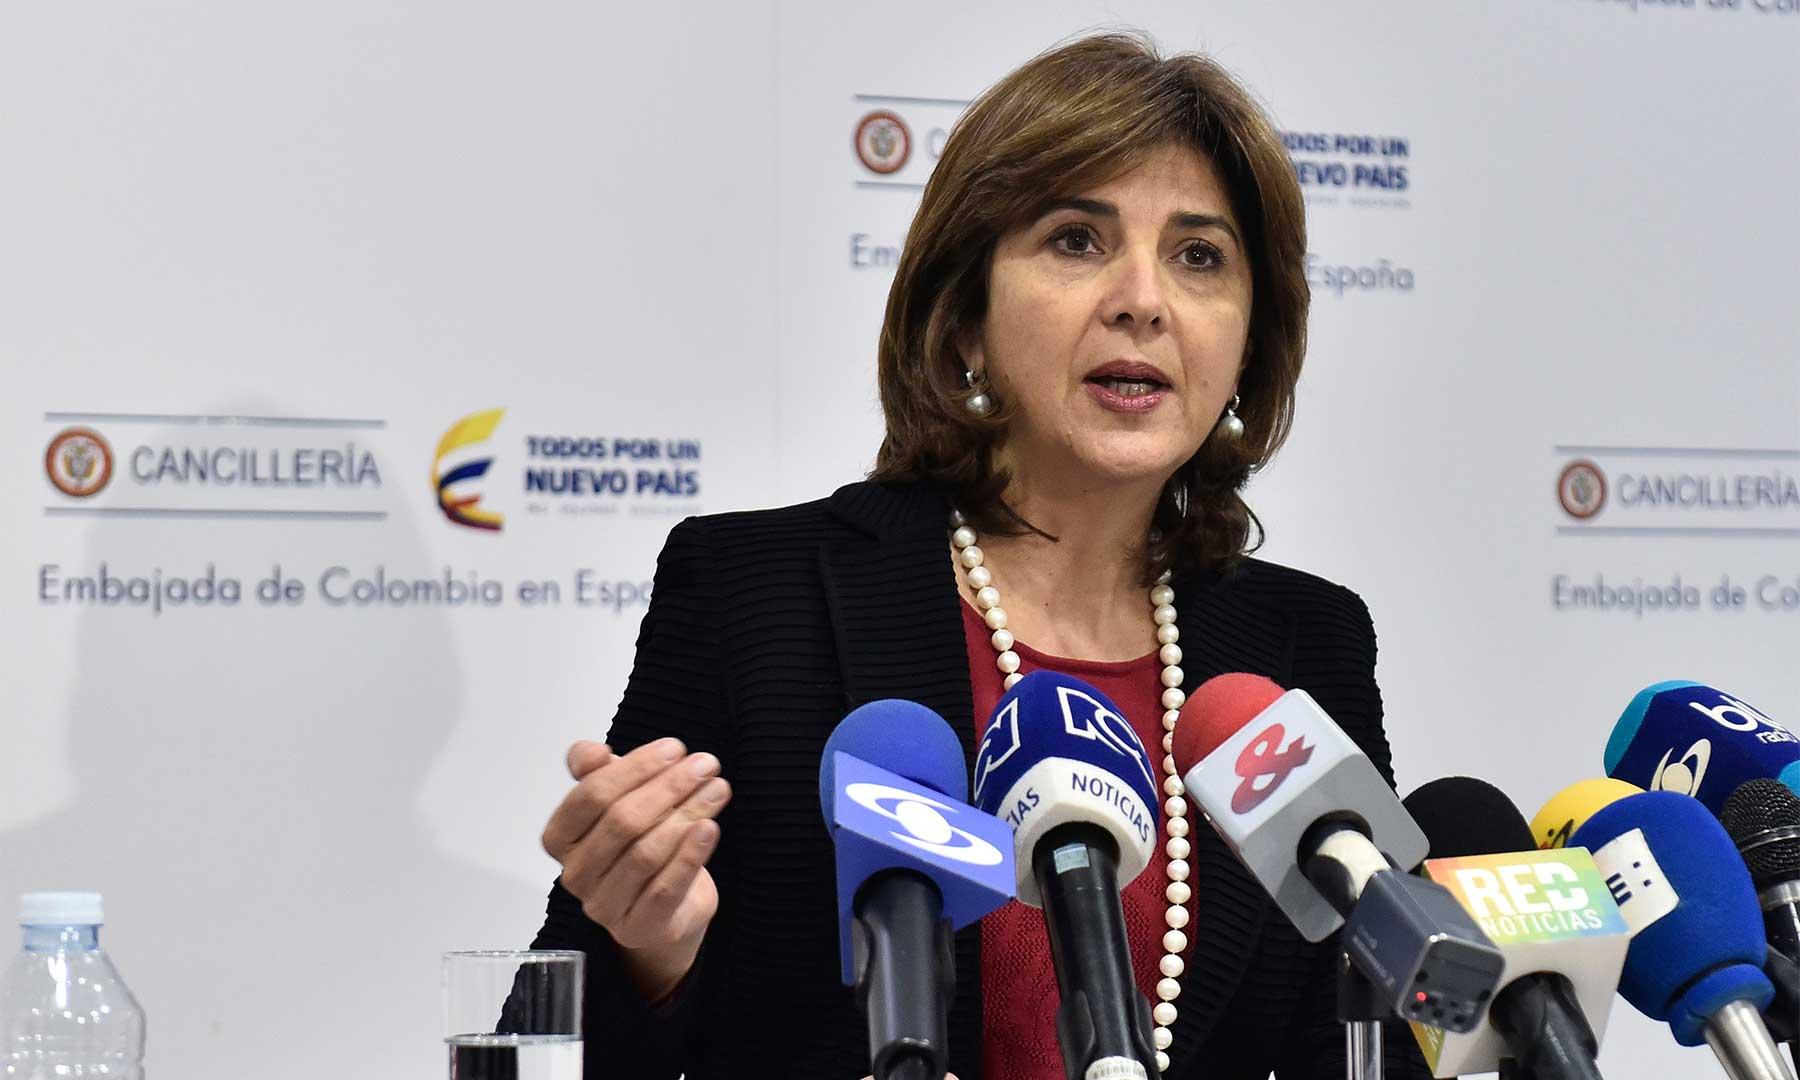 Comunicado del Ministerio de Relaciones Exteriores sobre el cierre de la frontera anunciado por Venezuela